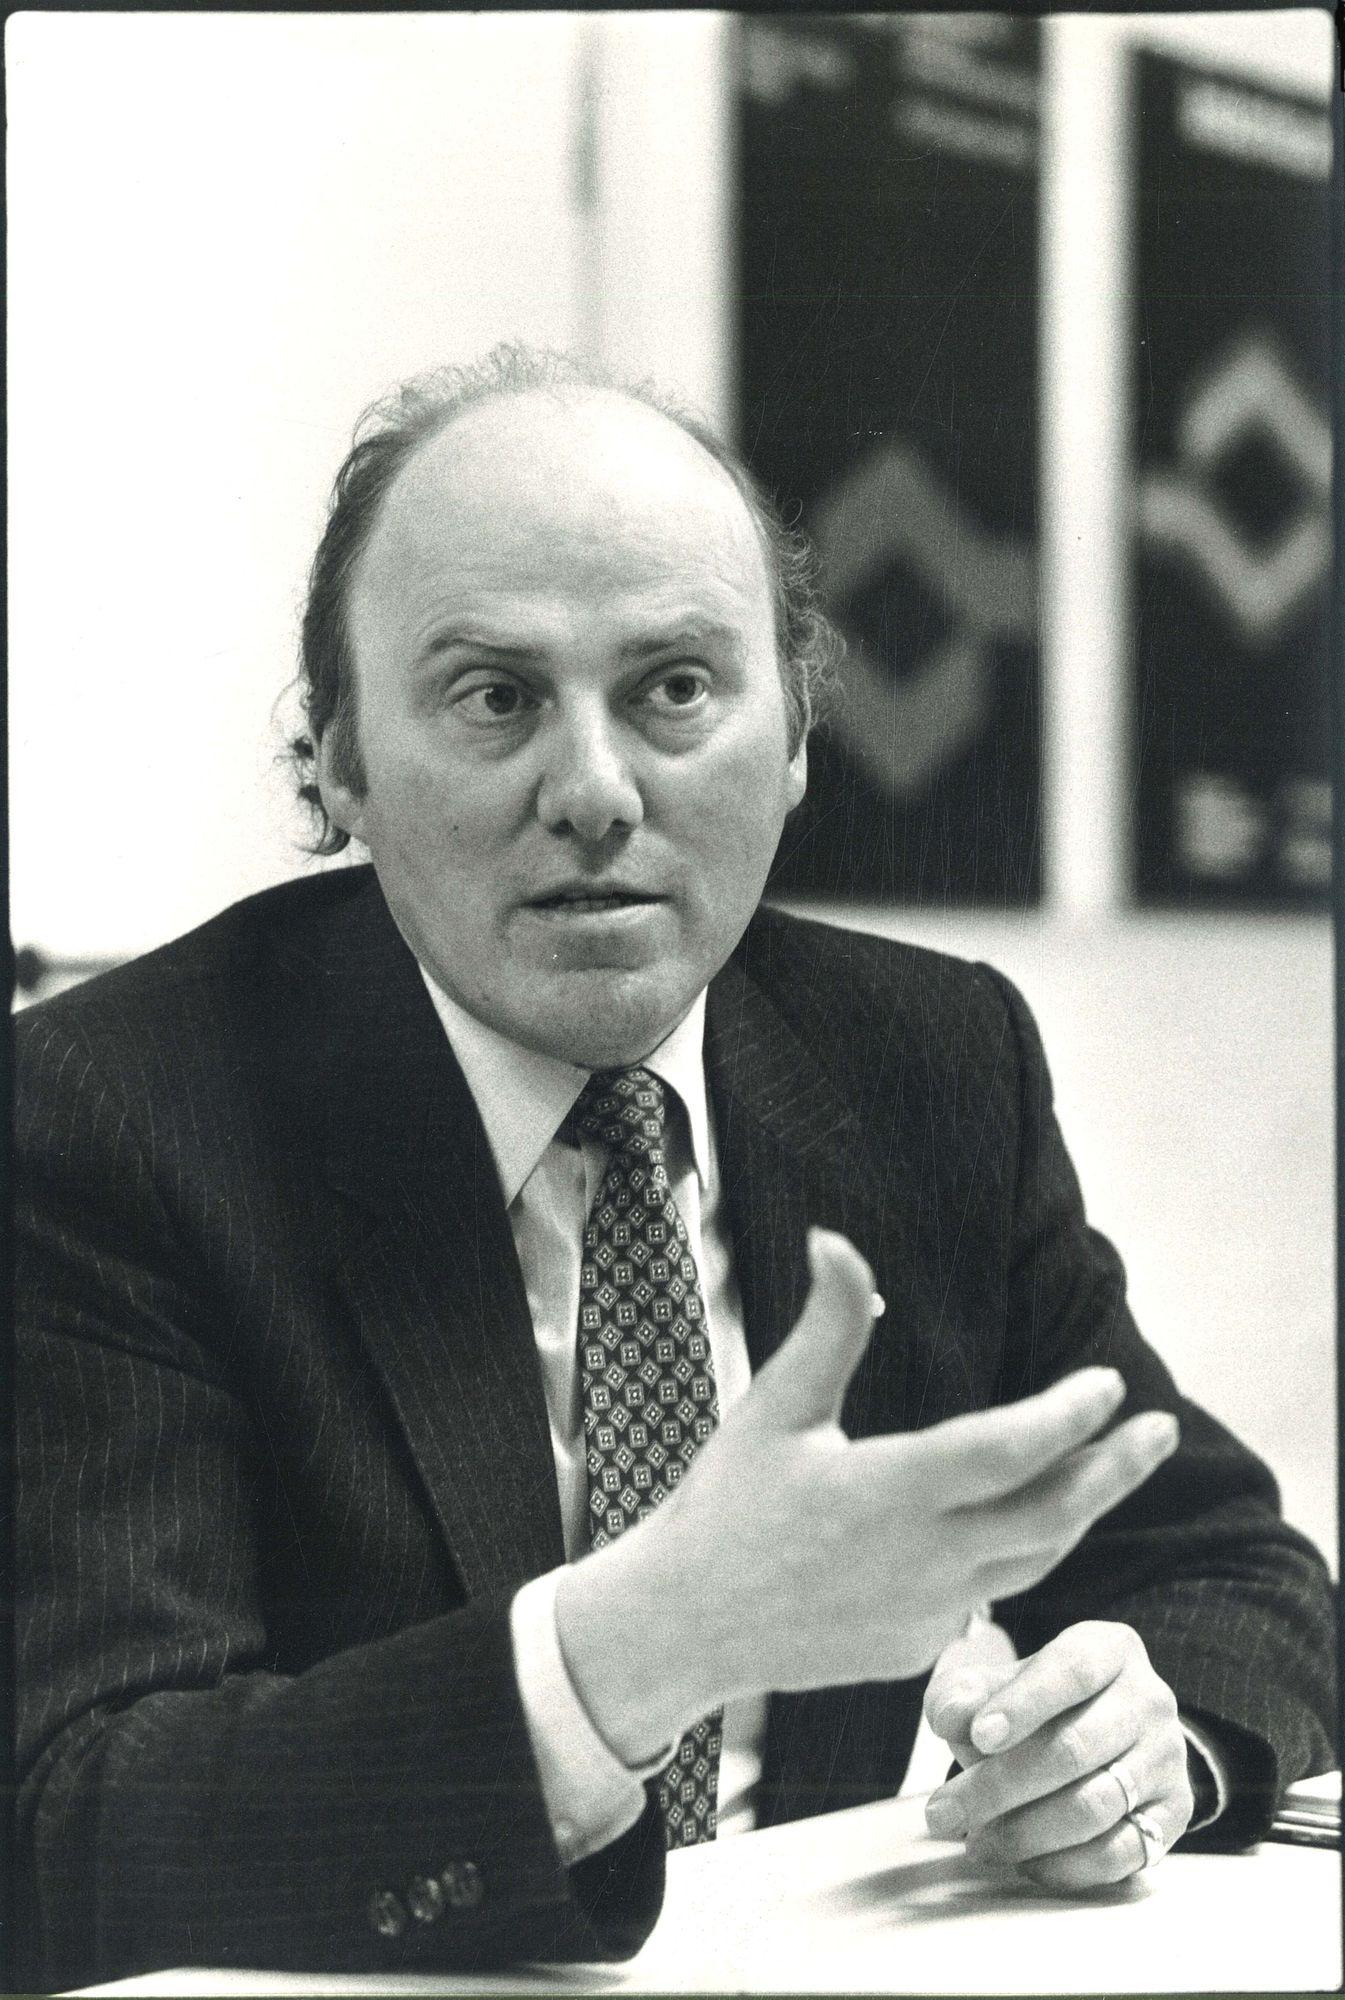 Dhr. Laverge 1984